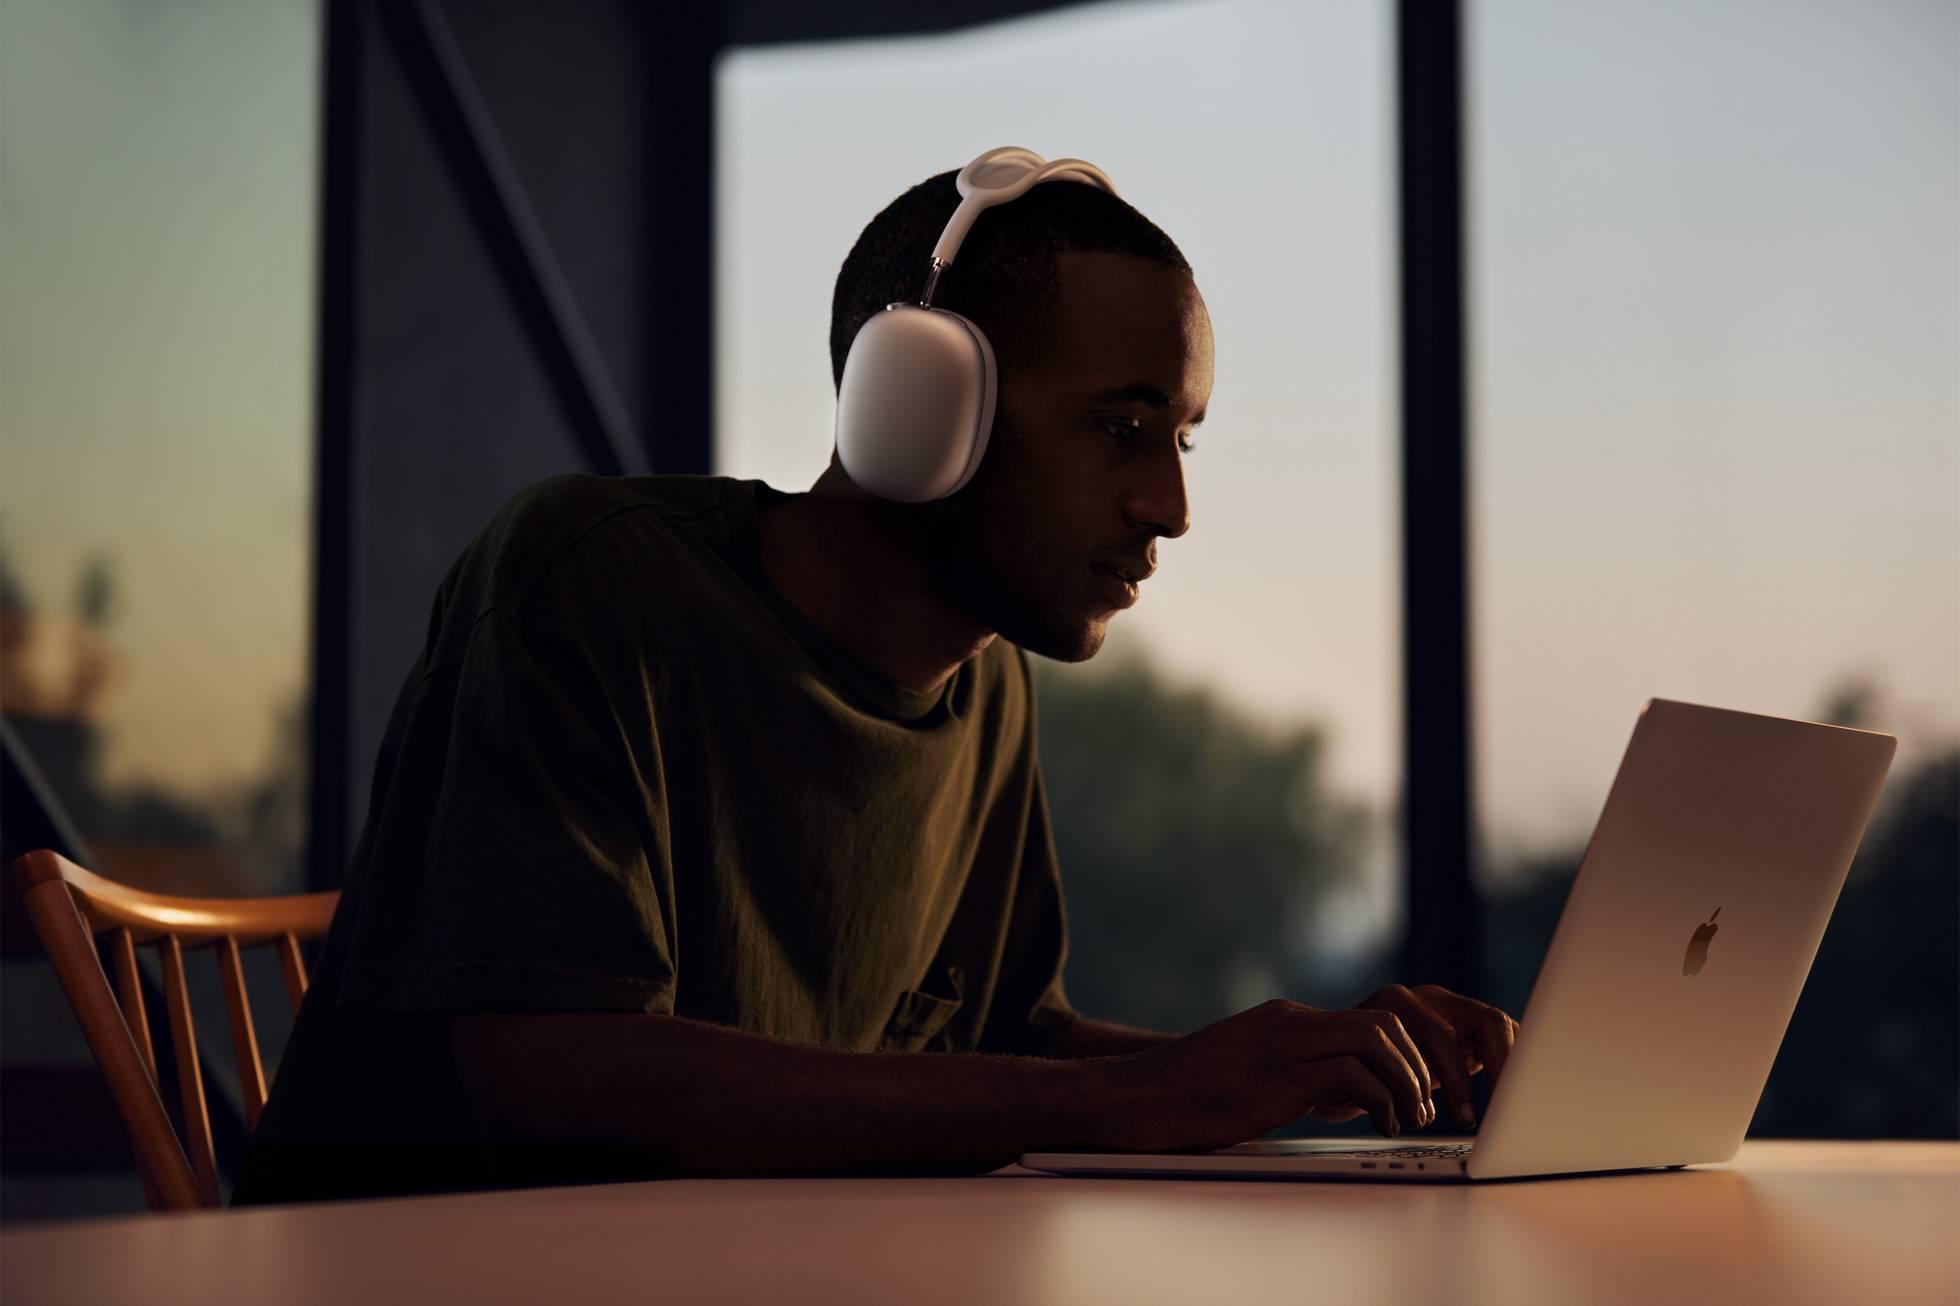 La UE acusa a Apple de comportamiento anticompetitivo en el caso antimonopolio de Spotify